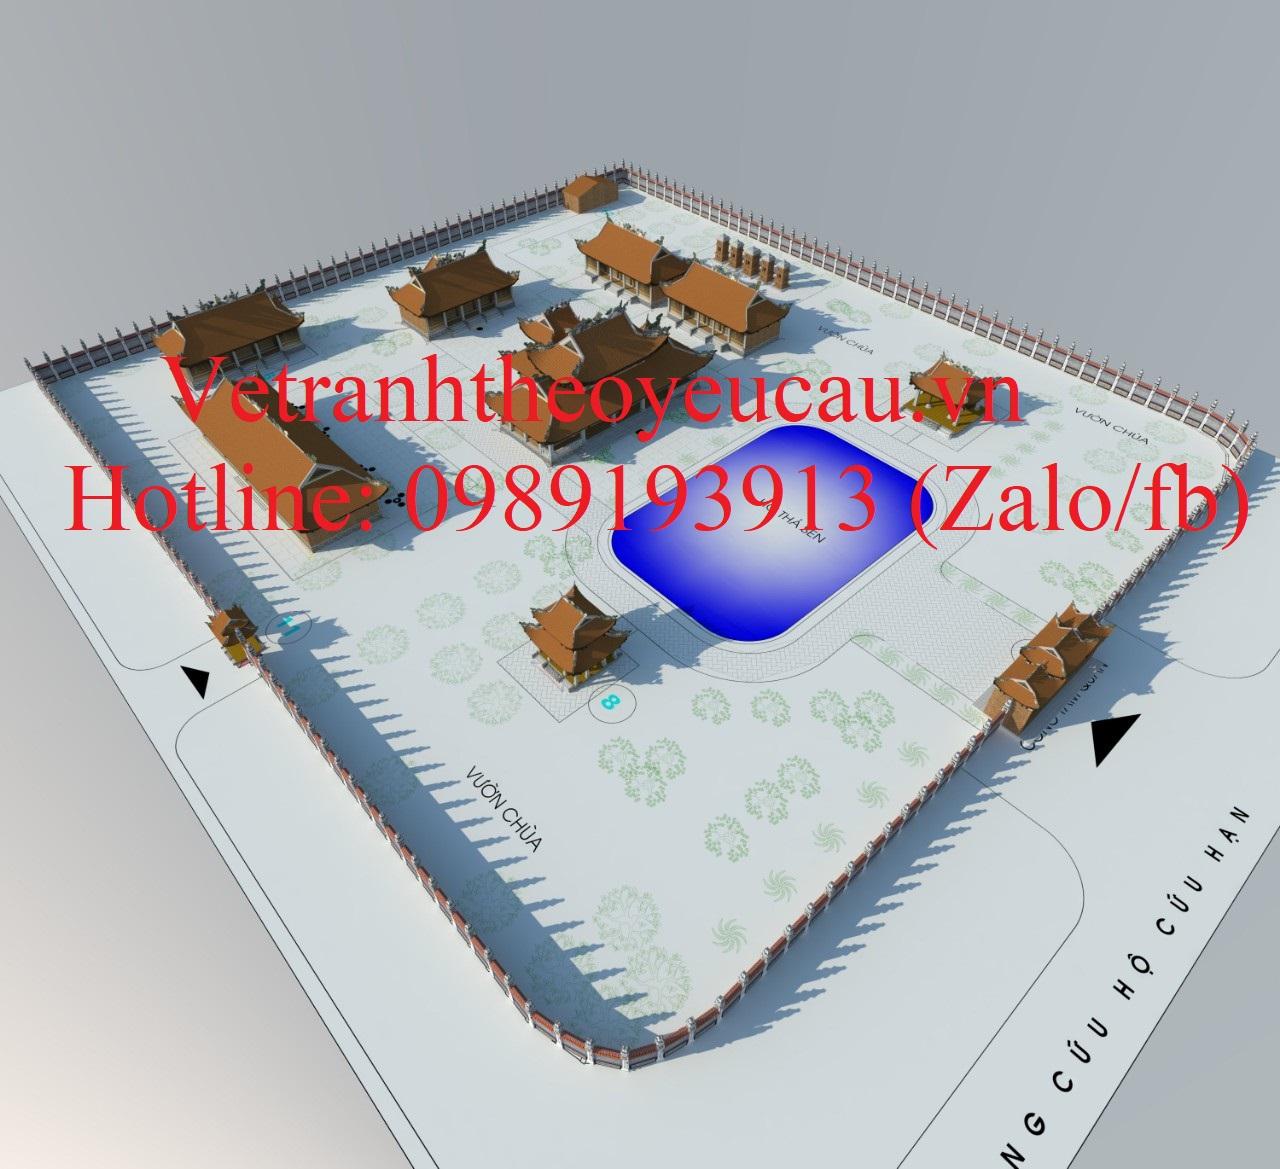 z2074370514785_9c5c928de241350b45c2883b503a2516 – Copy